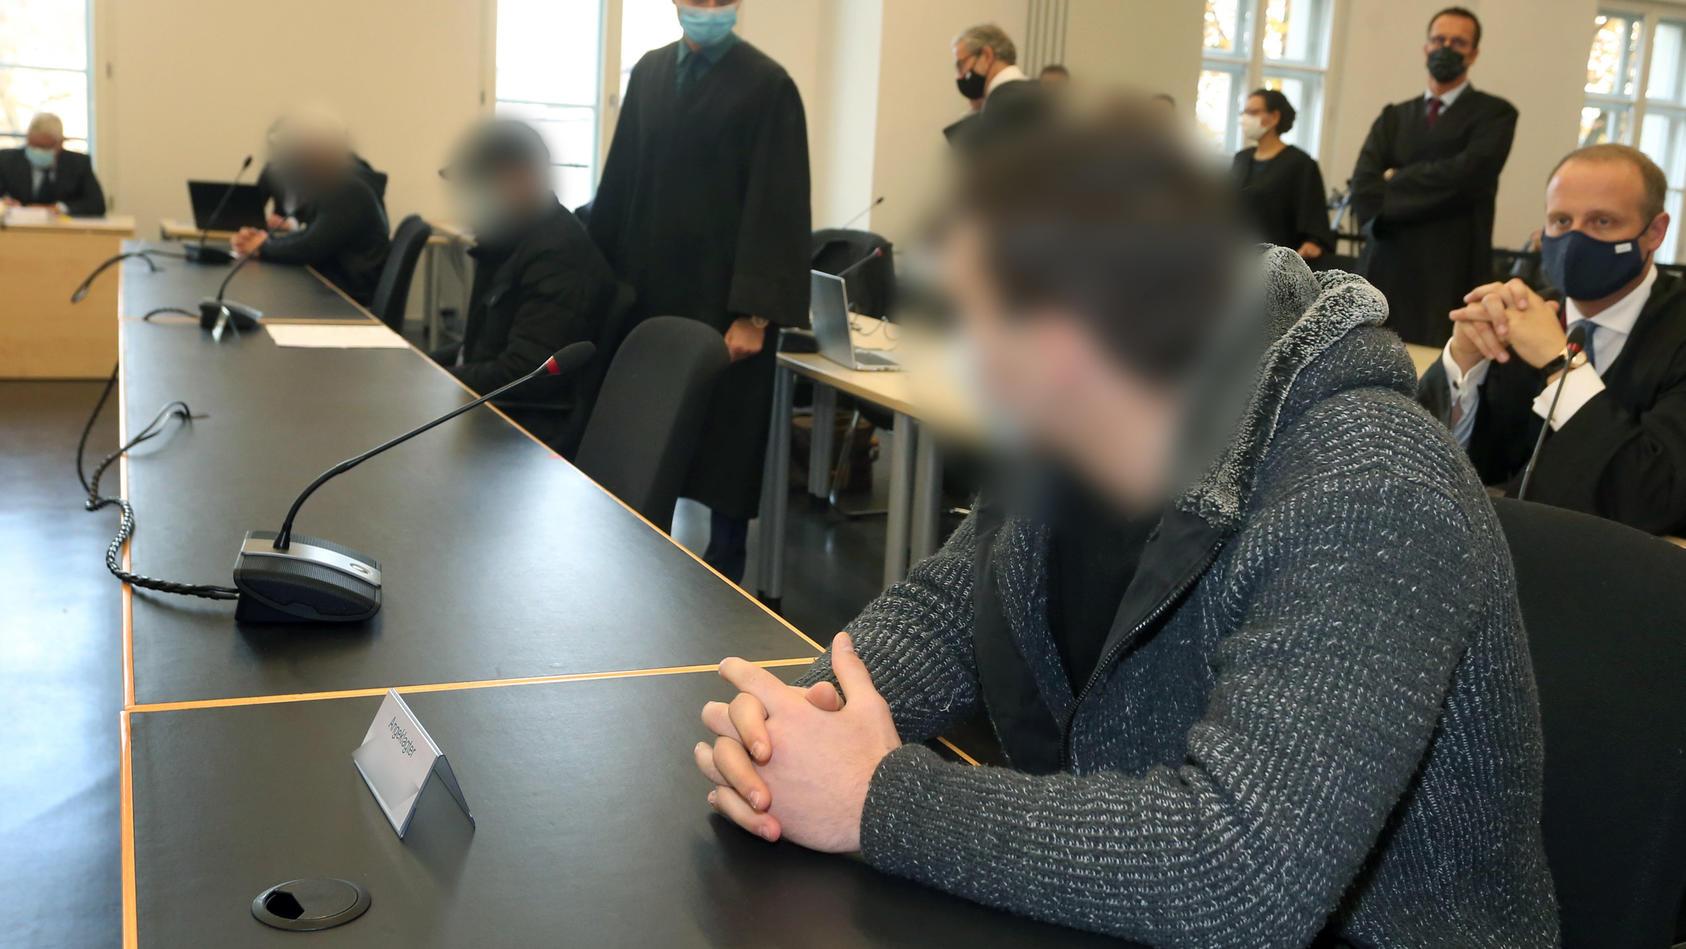 Im Prozess hat der Hauptangeklagte vor Gericht den tödlichen Schlag eingeräumt und Reue gezeigt. Der